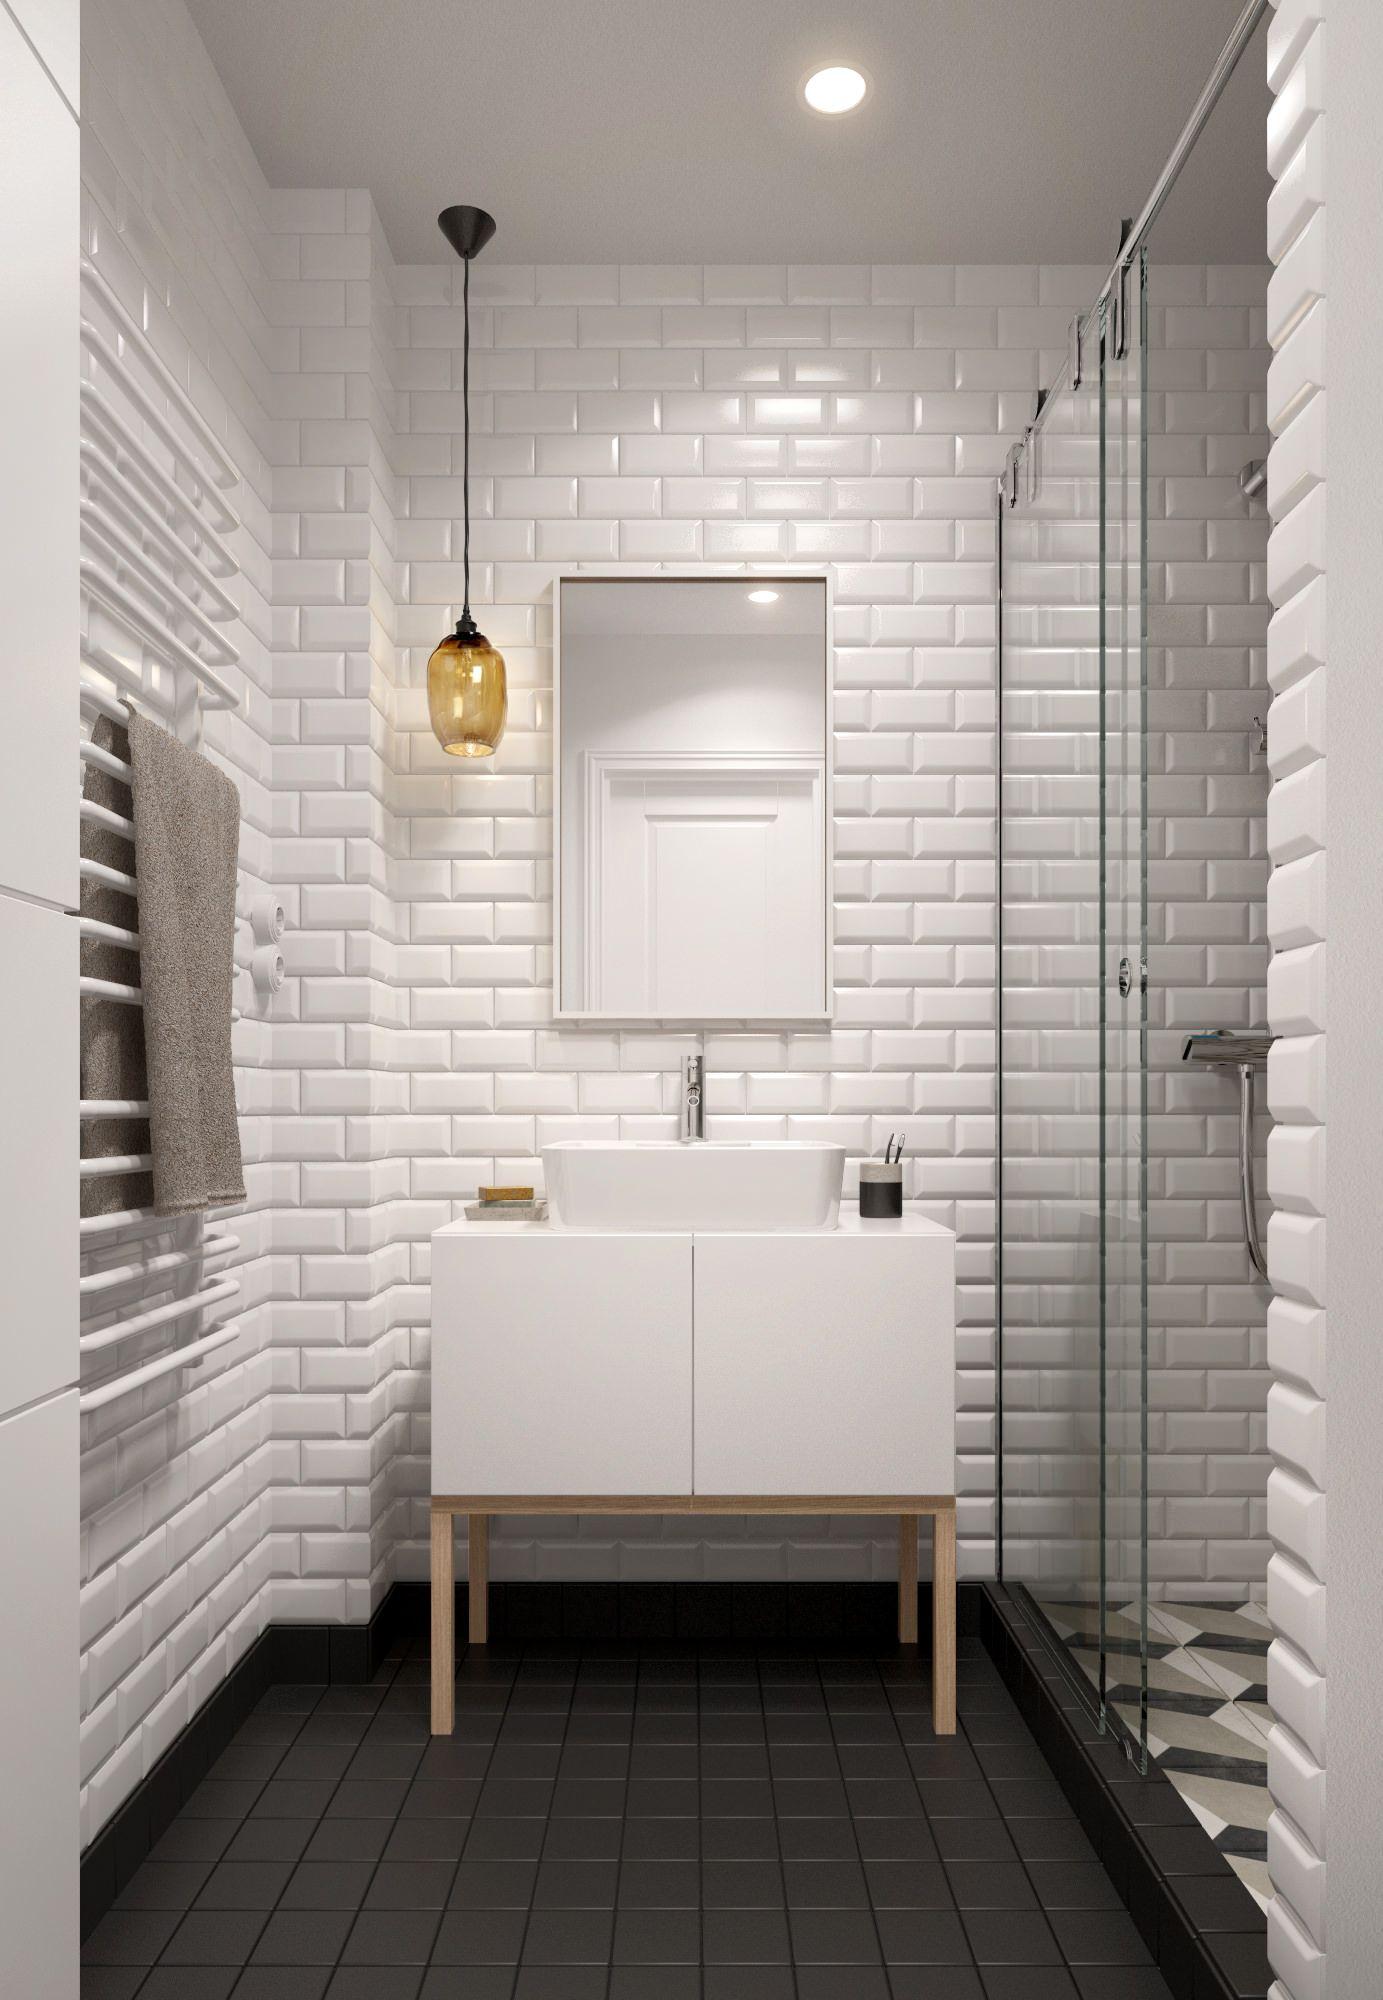 санузел в скандинавском стиле | Bathrooms | Pinterest | Interiors ...